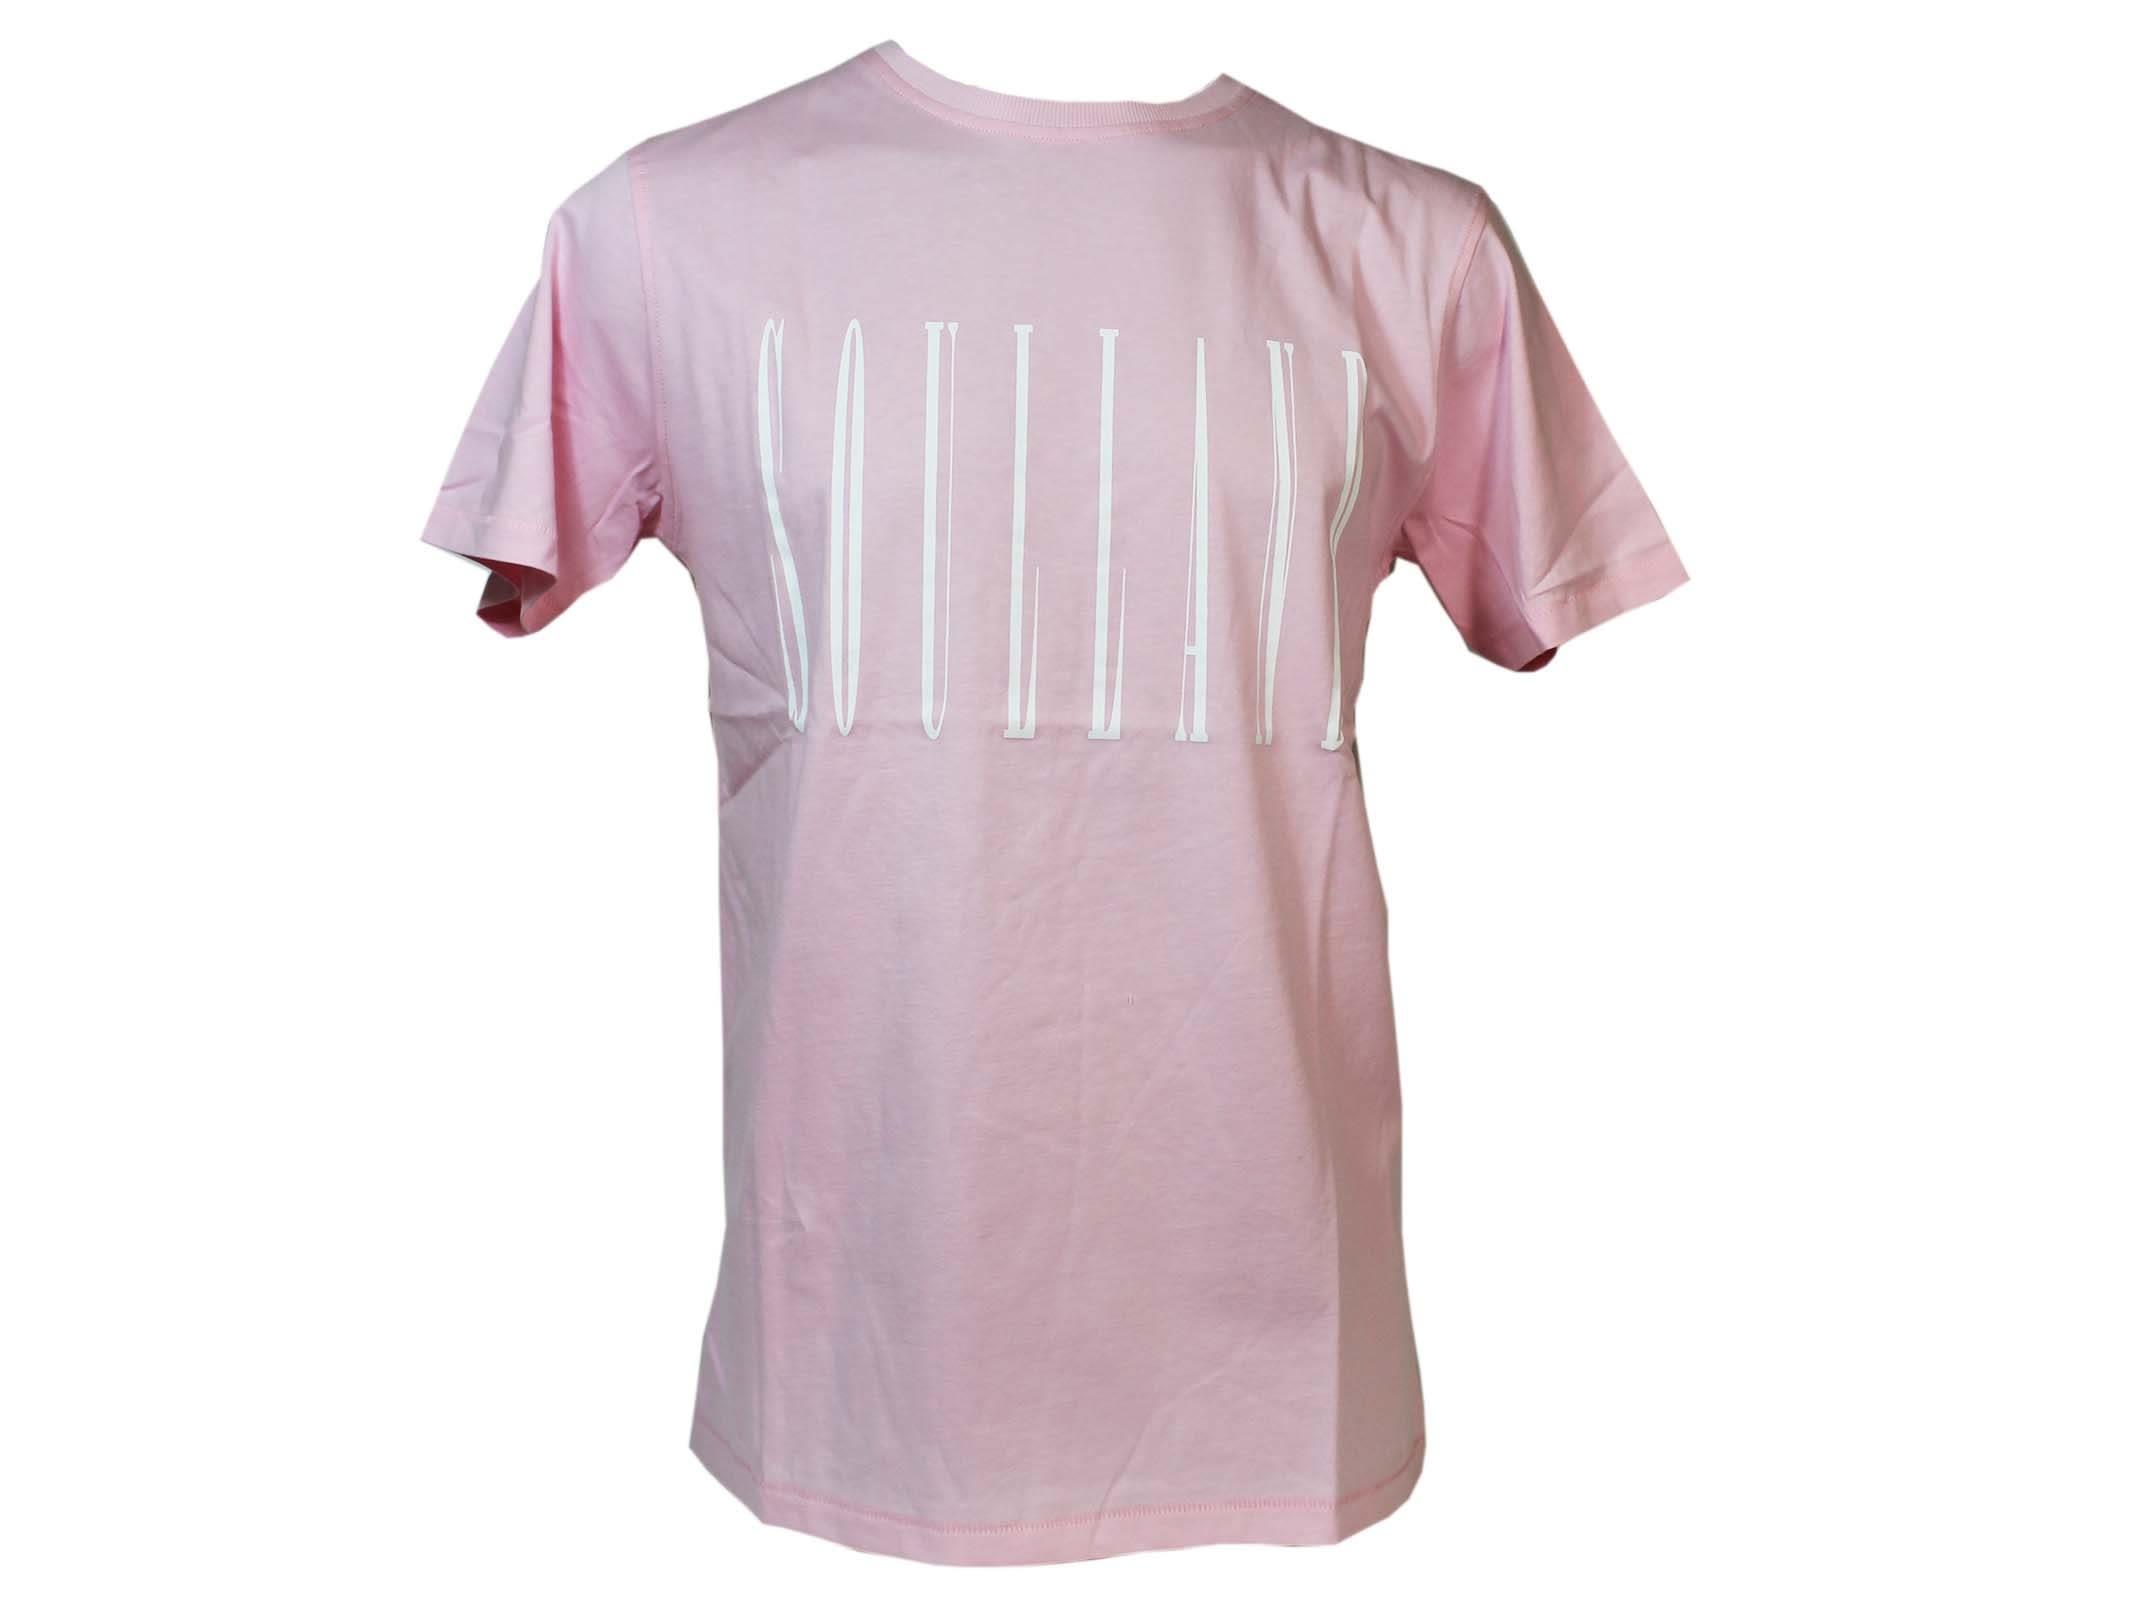 Soulland Pink Barker Logo T-shirt